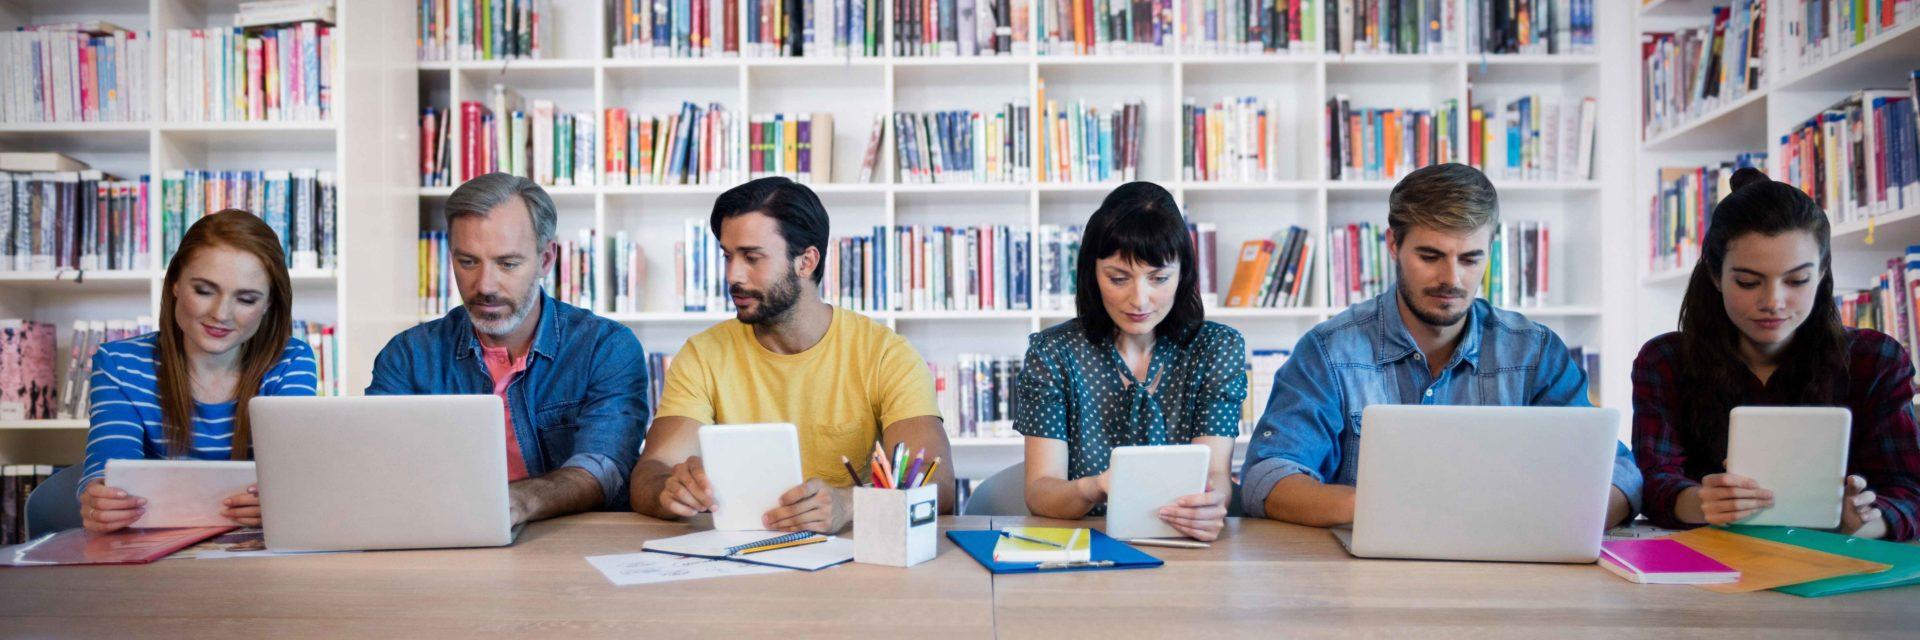 Lehrer mit digitalen Geräten